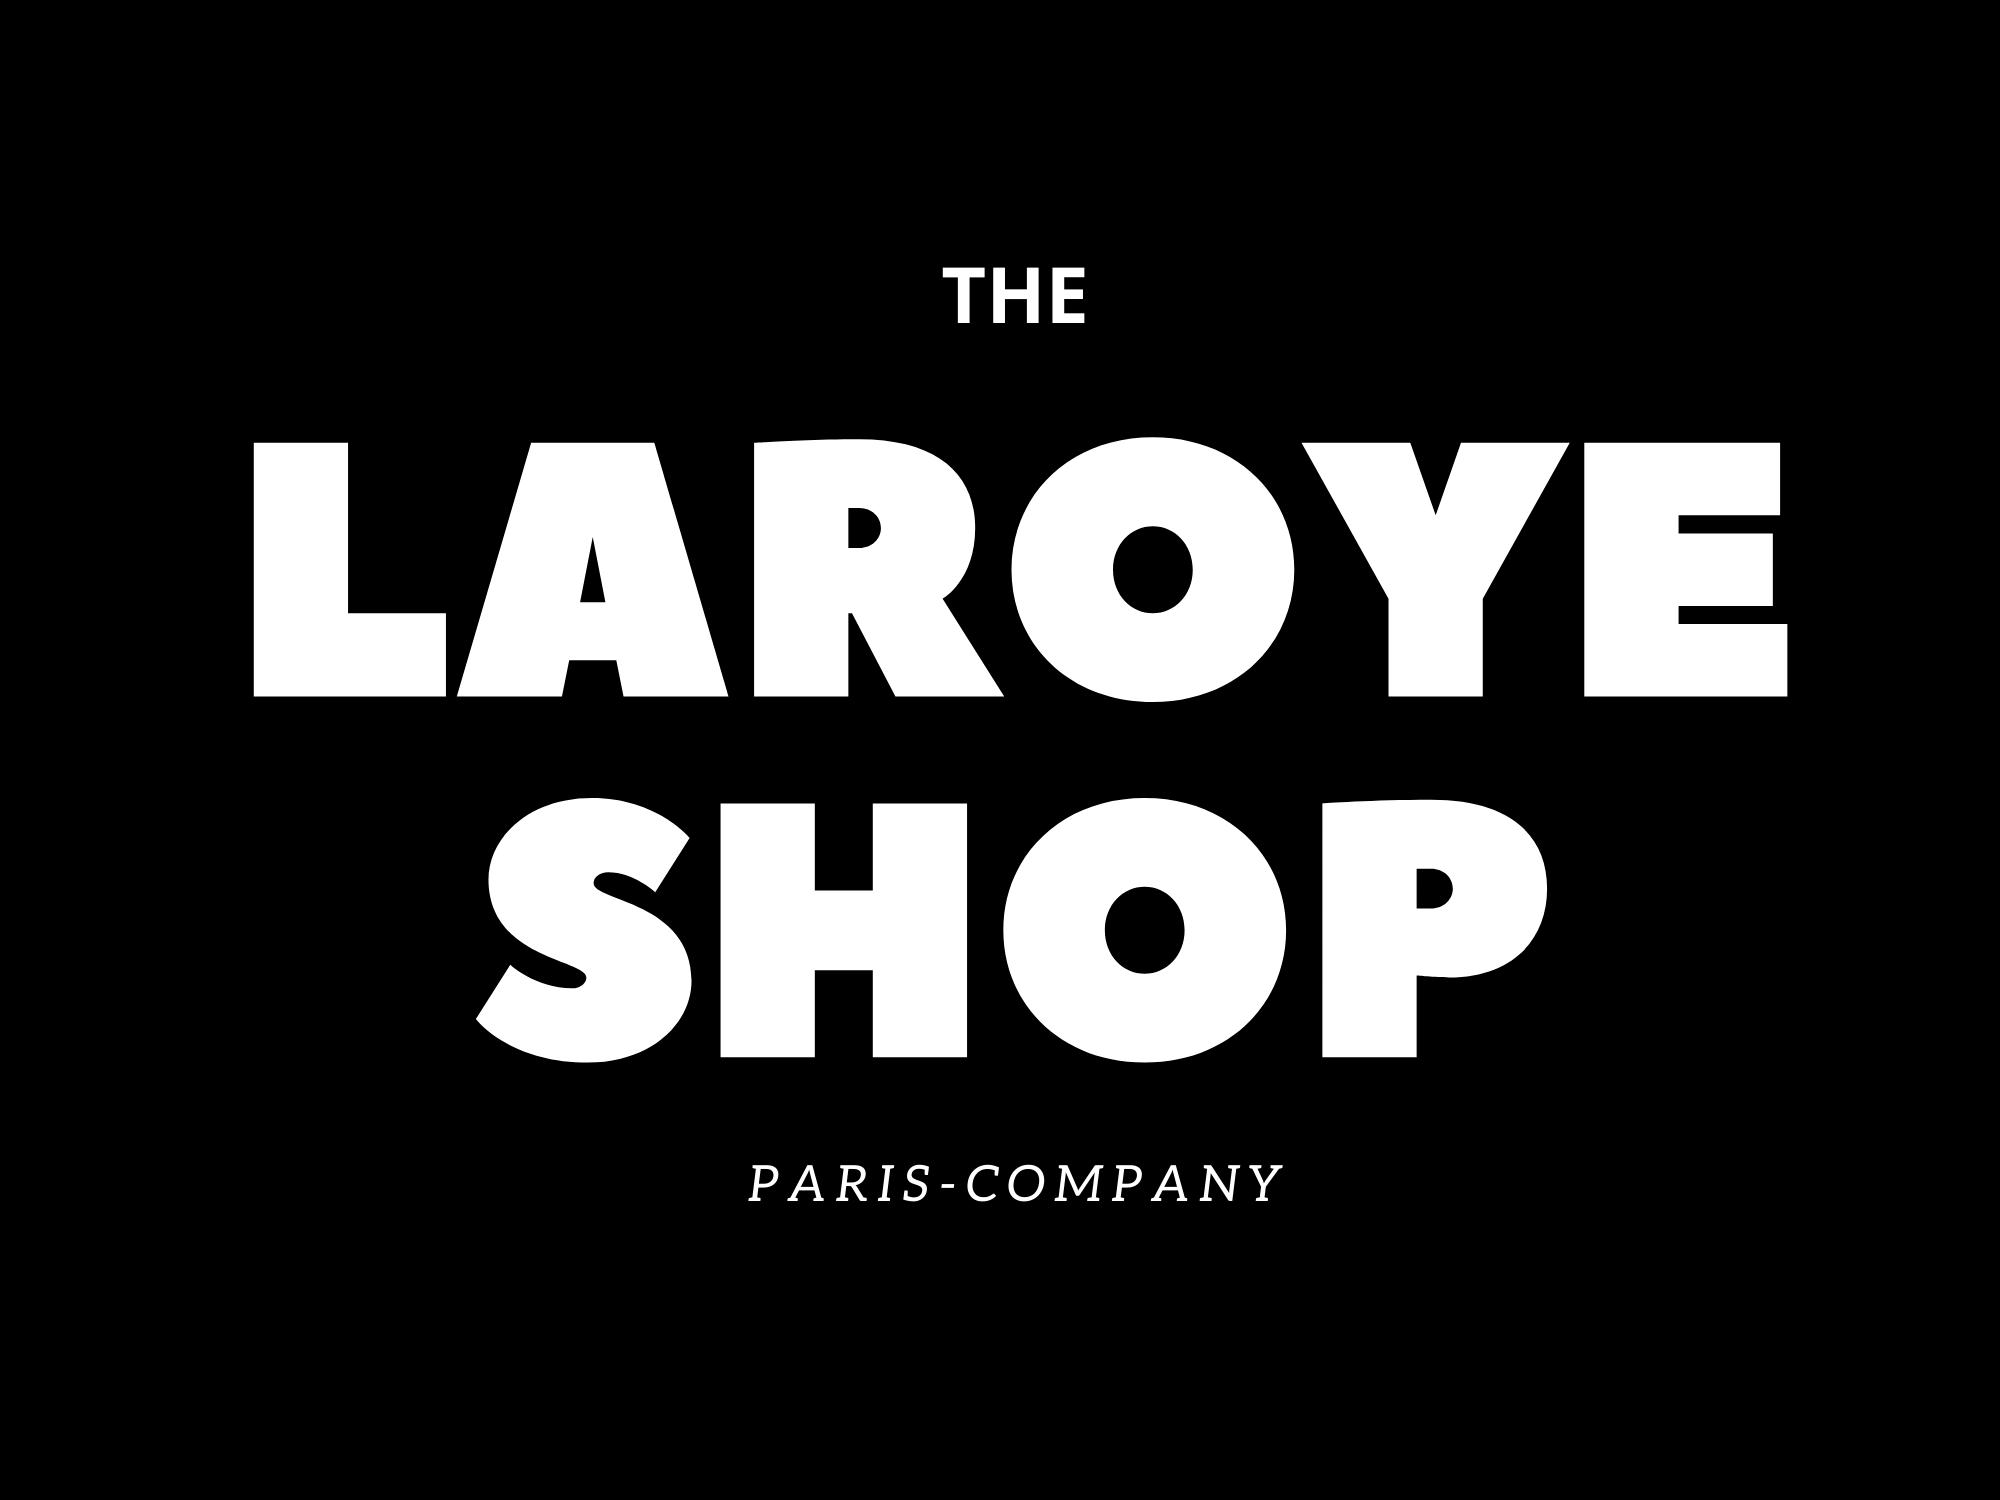 LAROYE SHOP